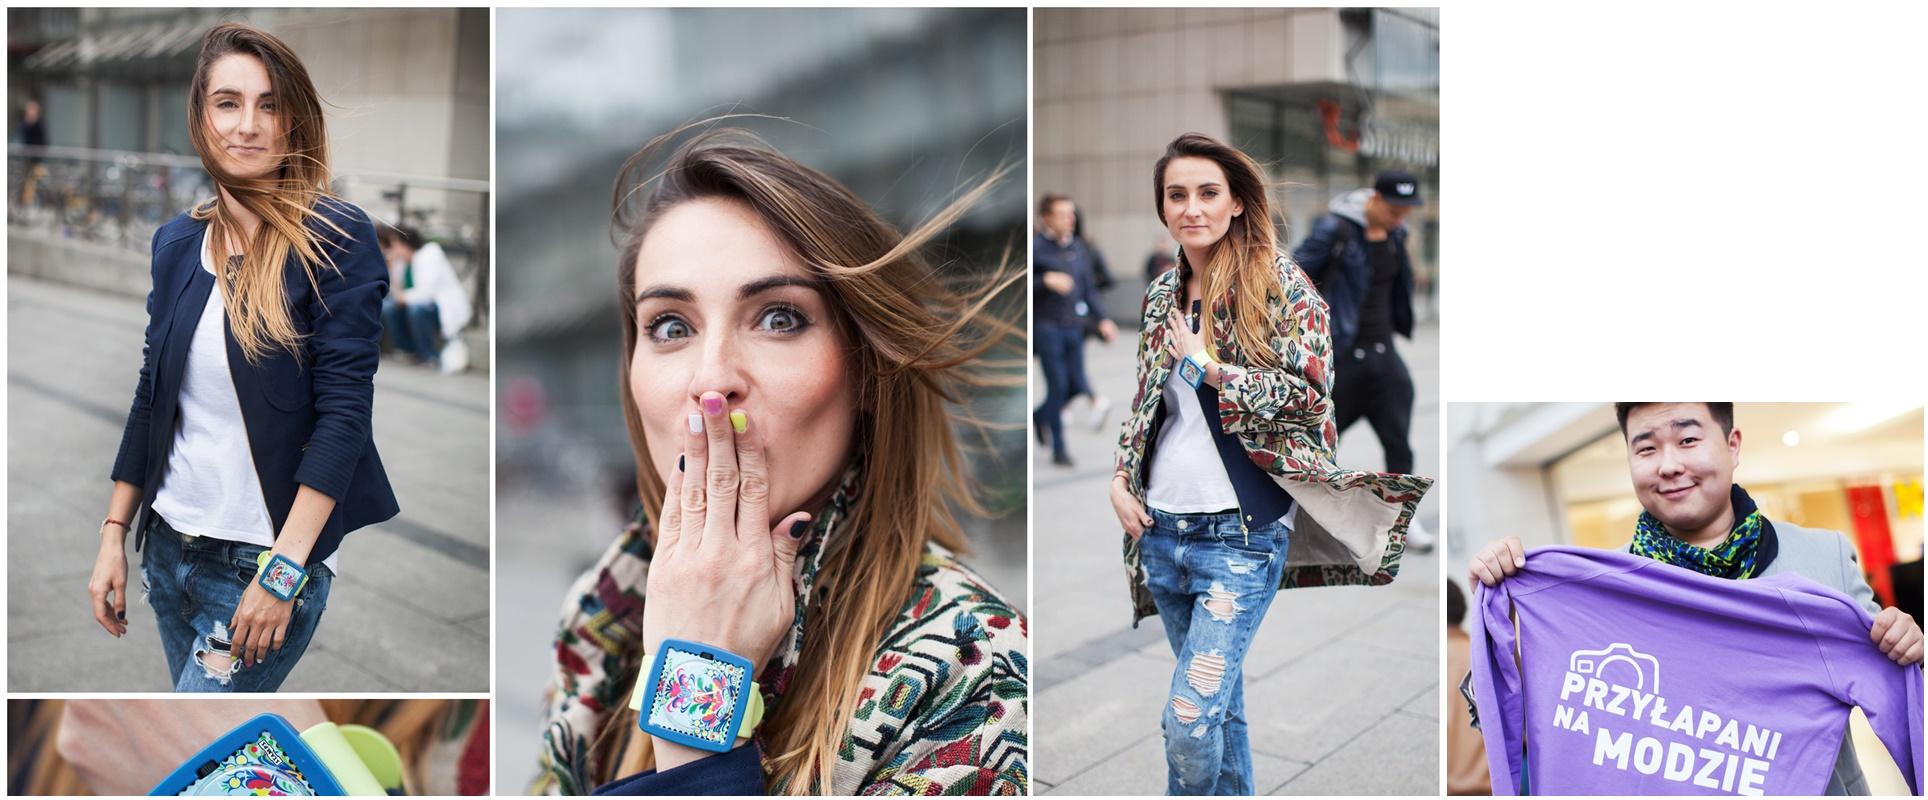 Przyłapani na modzie  -  akcja street fashion dla galerii handlowej<a href='/przylapani-na-modzie' class='btn btn-black upper black '>Więcej</a>